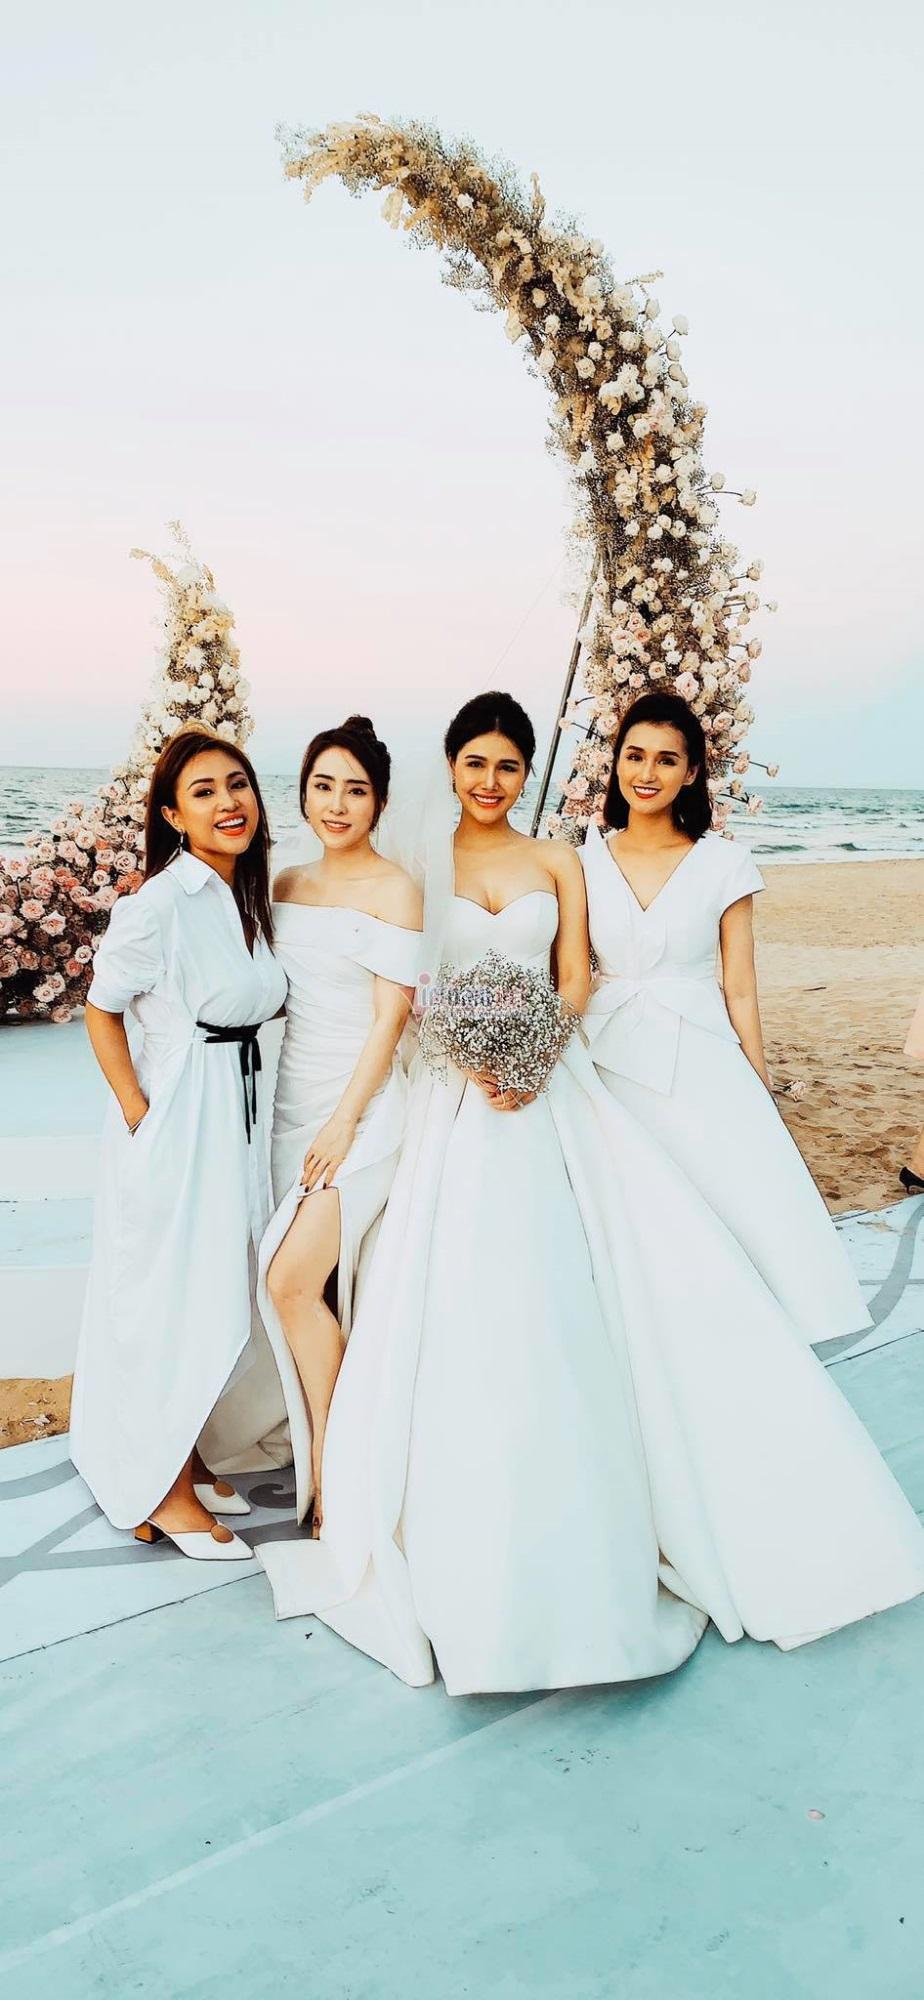 Bất ngờ trước sắc vóc 'đẹp trai hơi tài tử' của ông xã đại gia Phanh Lee tại đám cưới sang chảnh  - Ảnh 6